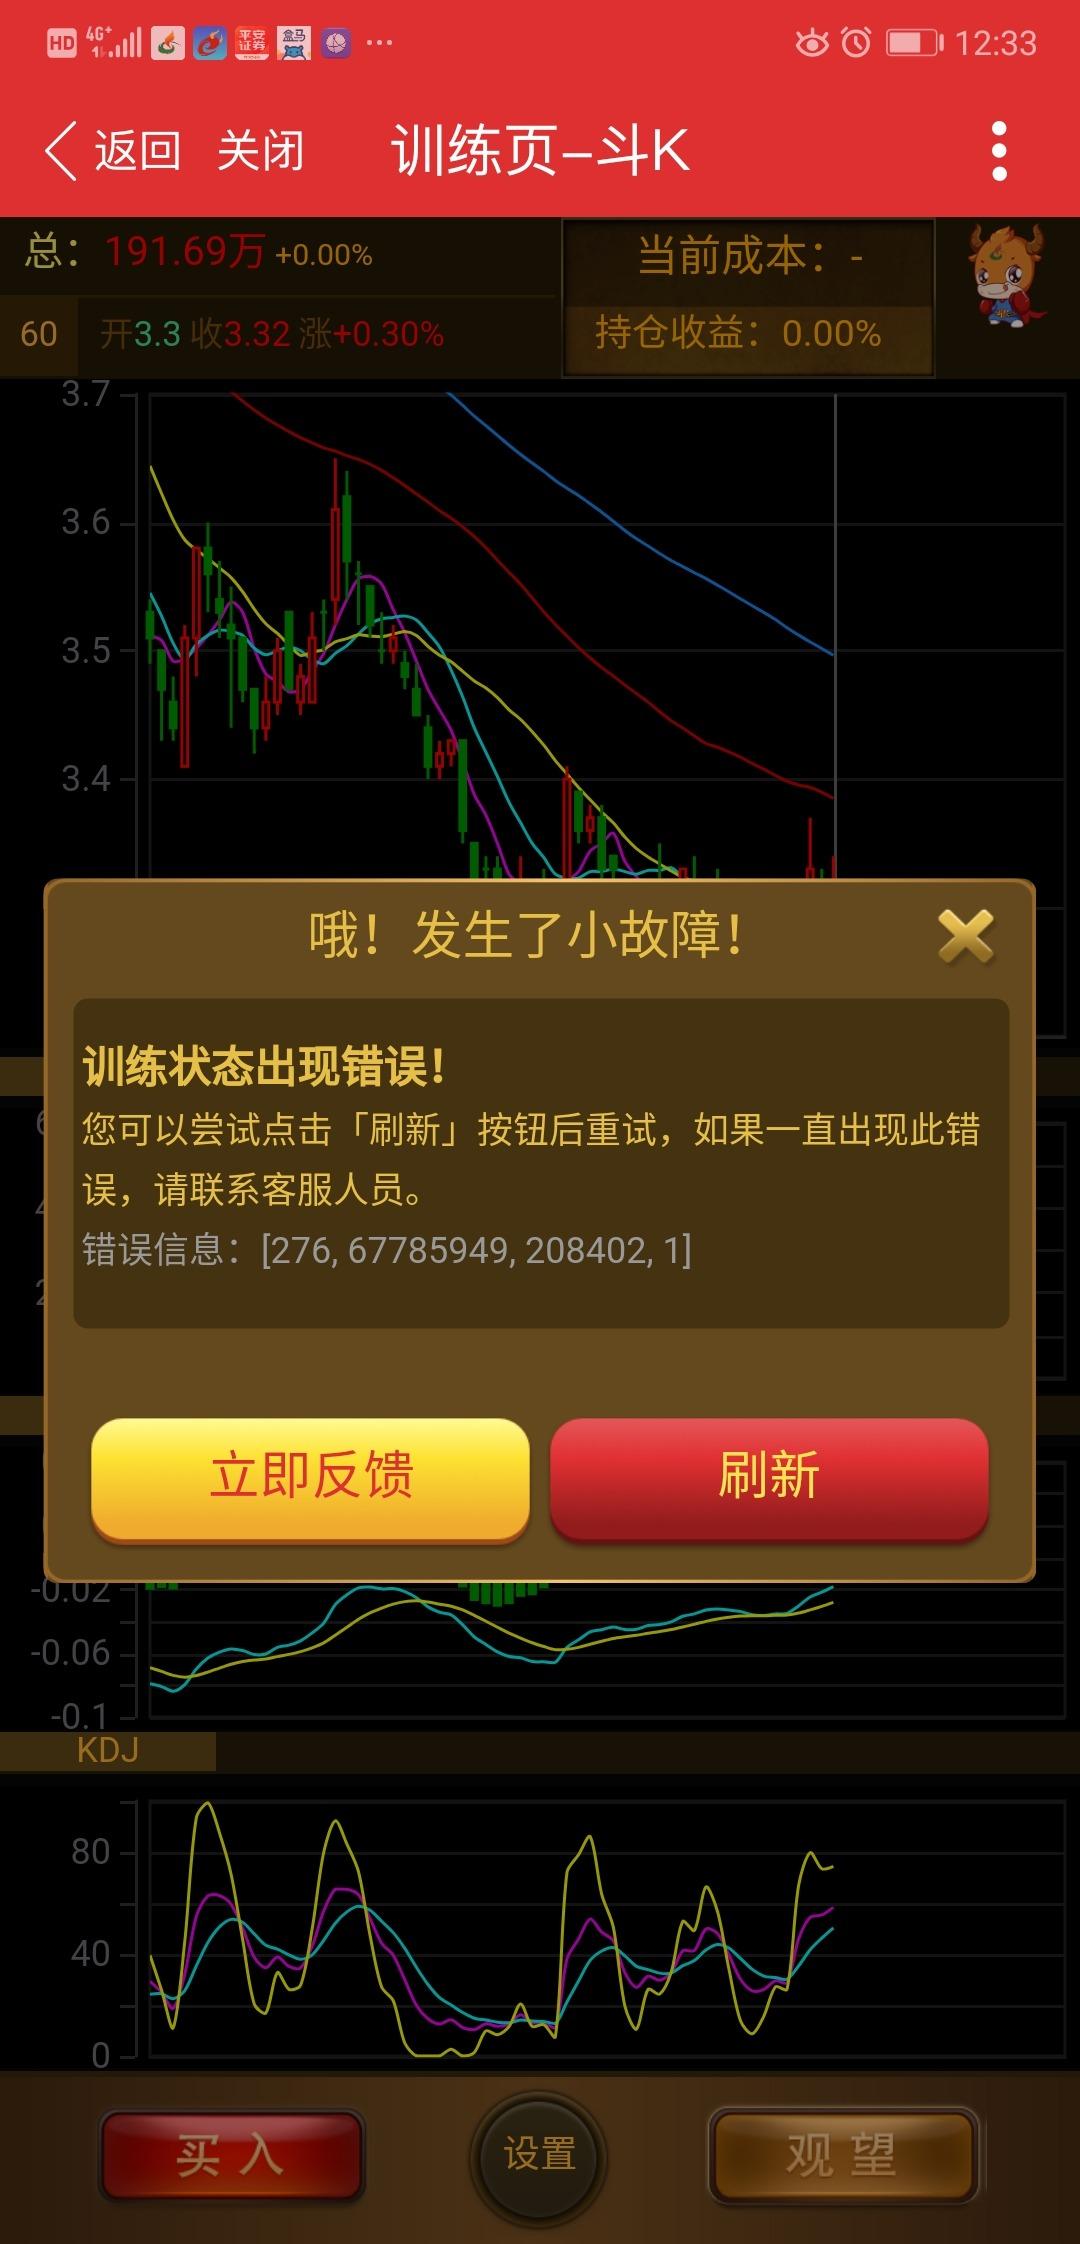 Screenshot_20190530_123300_com.iwangzhe.app.jpg